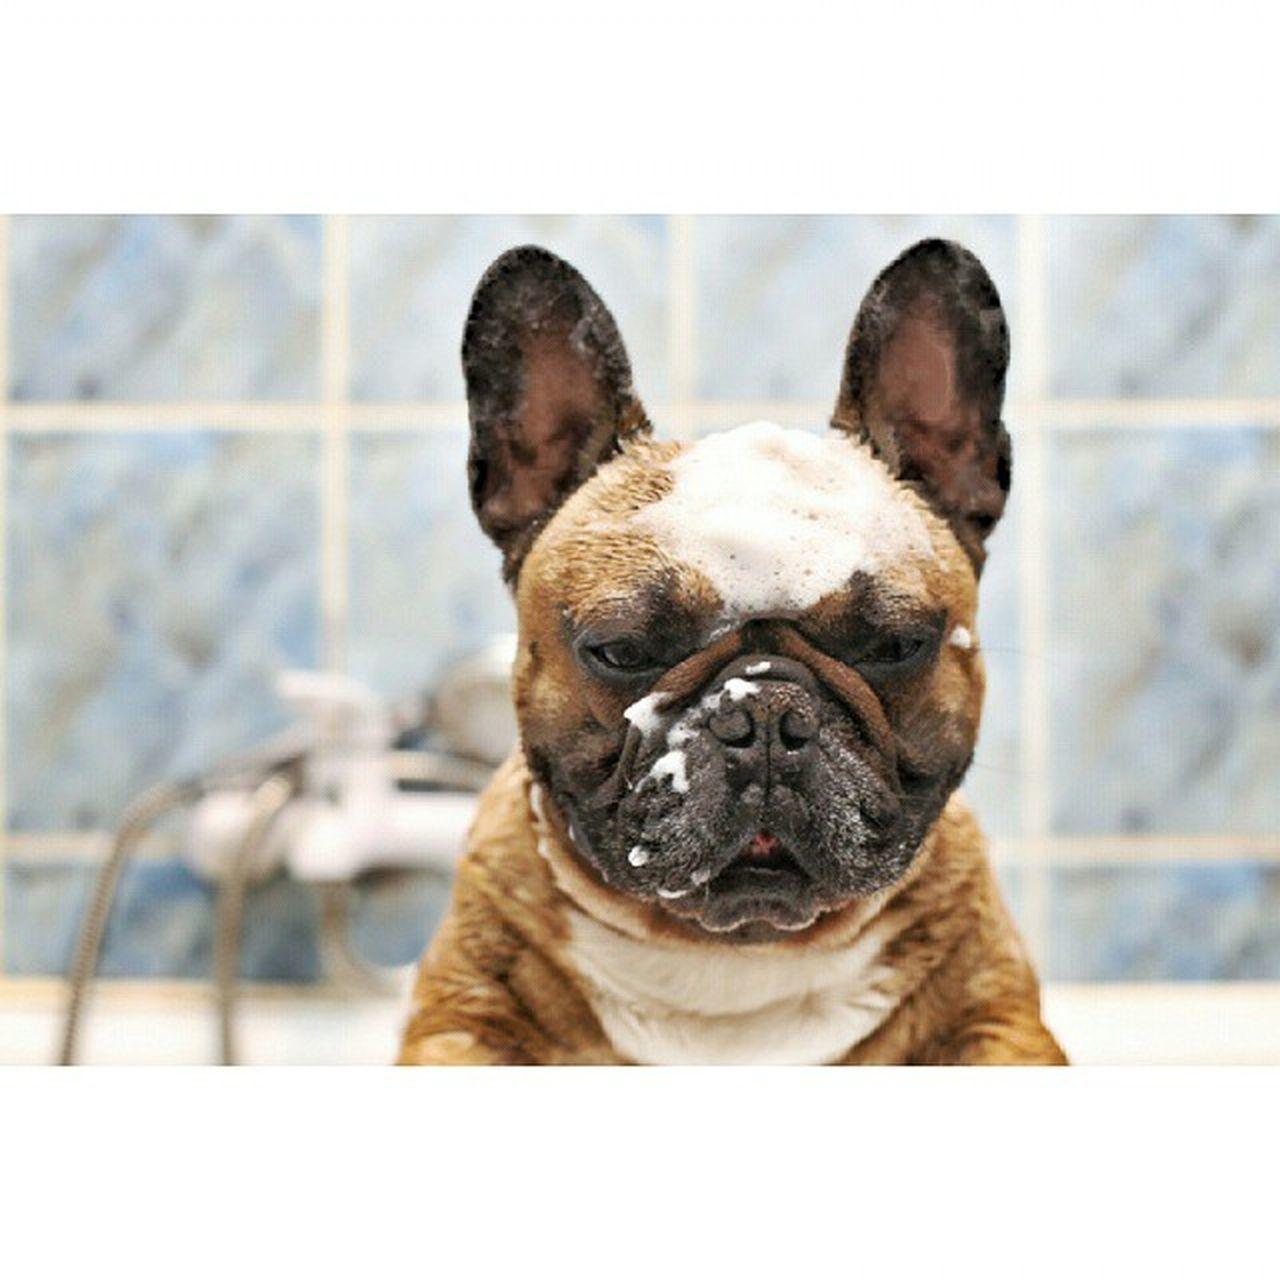 Cleanfur Gonzothunder Gtcompany Frenchzone Frenchbulldog Crazyfrenchie Gonzothunder Bongo Frenchzone Frenchie Frenchbulldog Bulldogsareawesome Frozenframe Crazyfrenchielovers Frenchbulldoglove Instadog Piesel